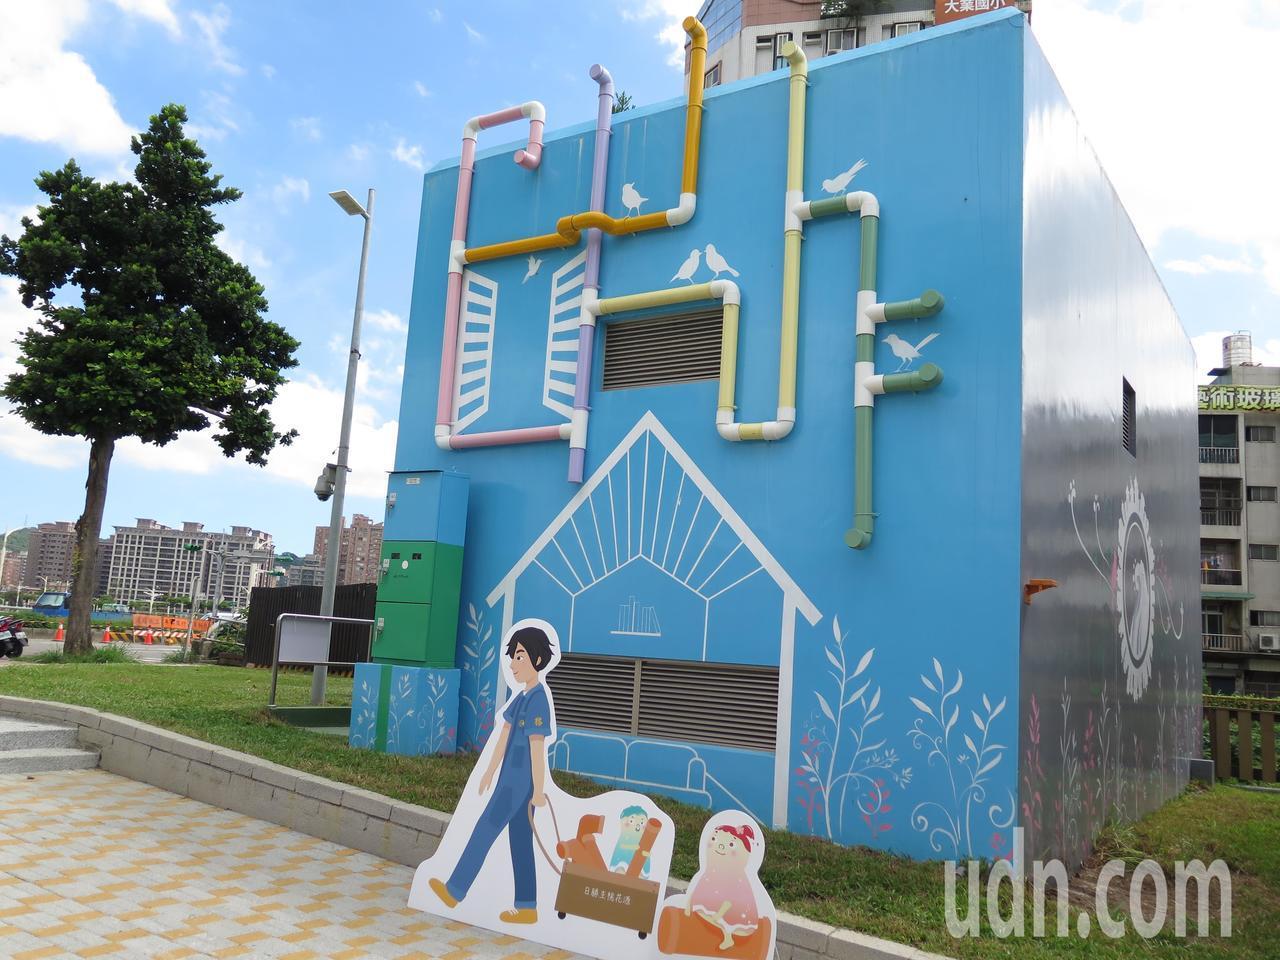 朝陽水語教育園區的東門溪截流站牆面彩繪「桃園藍晒圖」童趣可愛。記者張裕珍/攝影